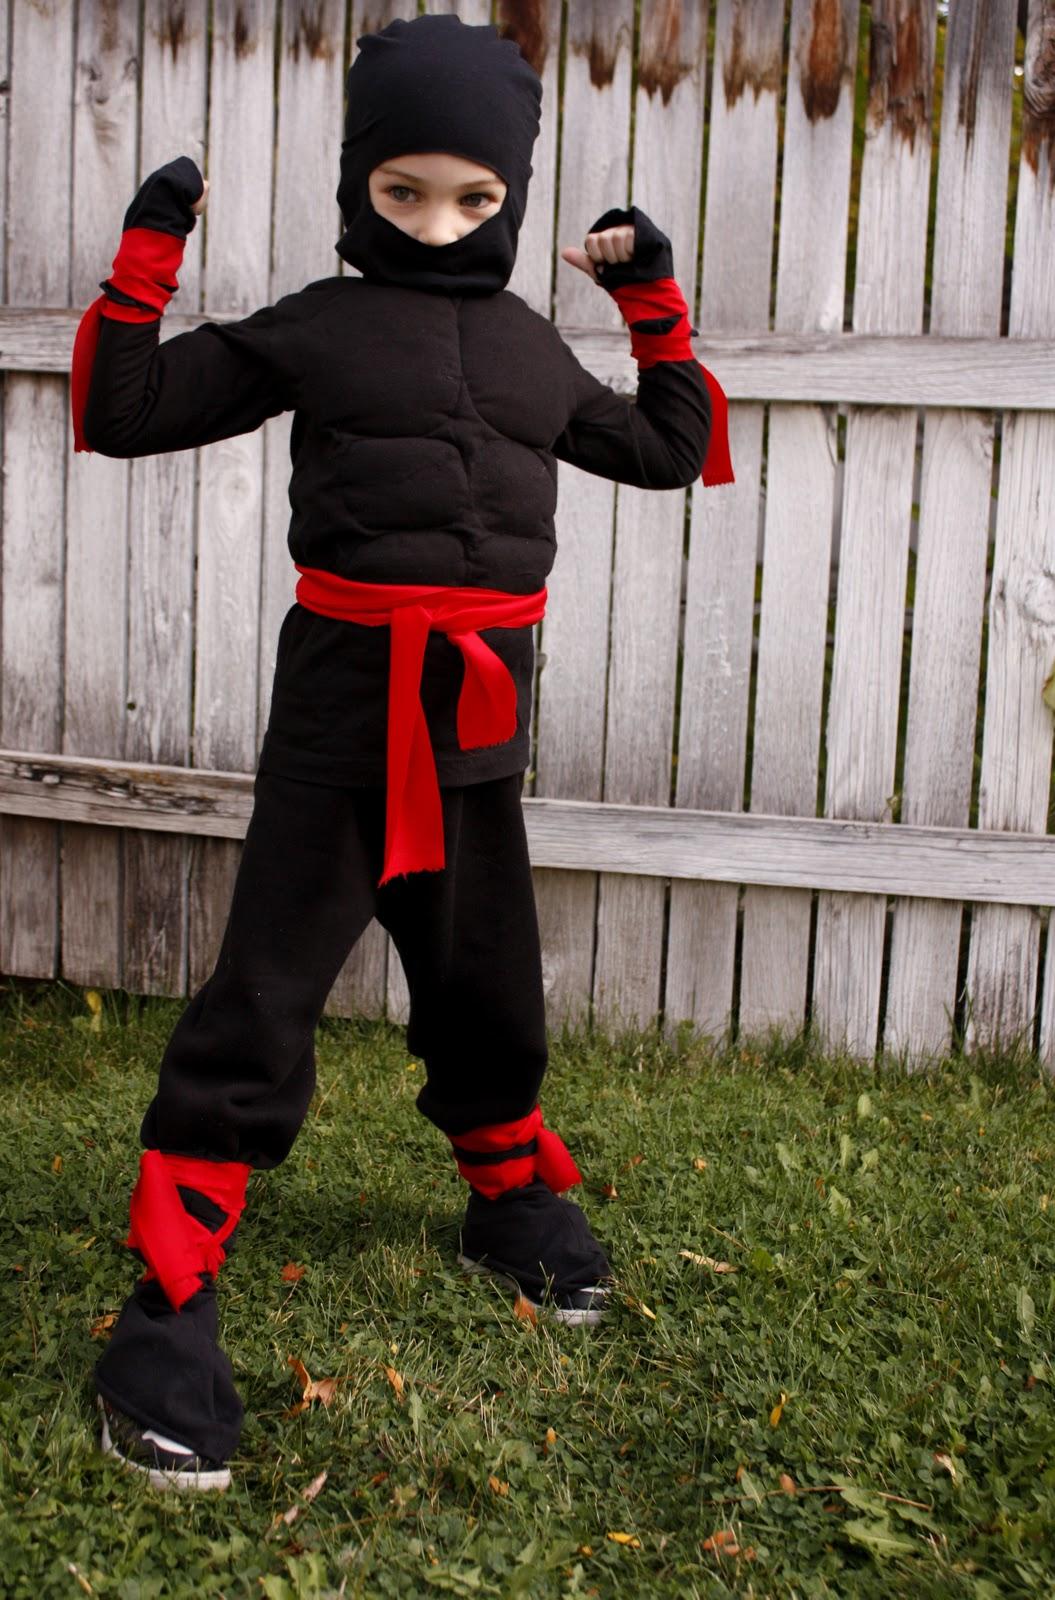 ninja costume. Black Bedroom Furniture Sets. Home Design Ideas